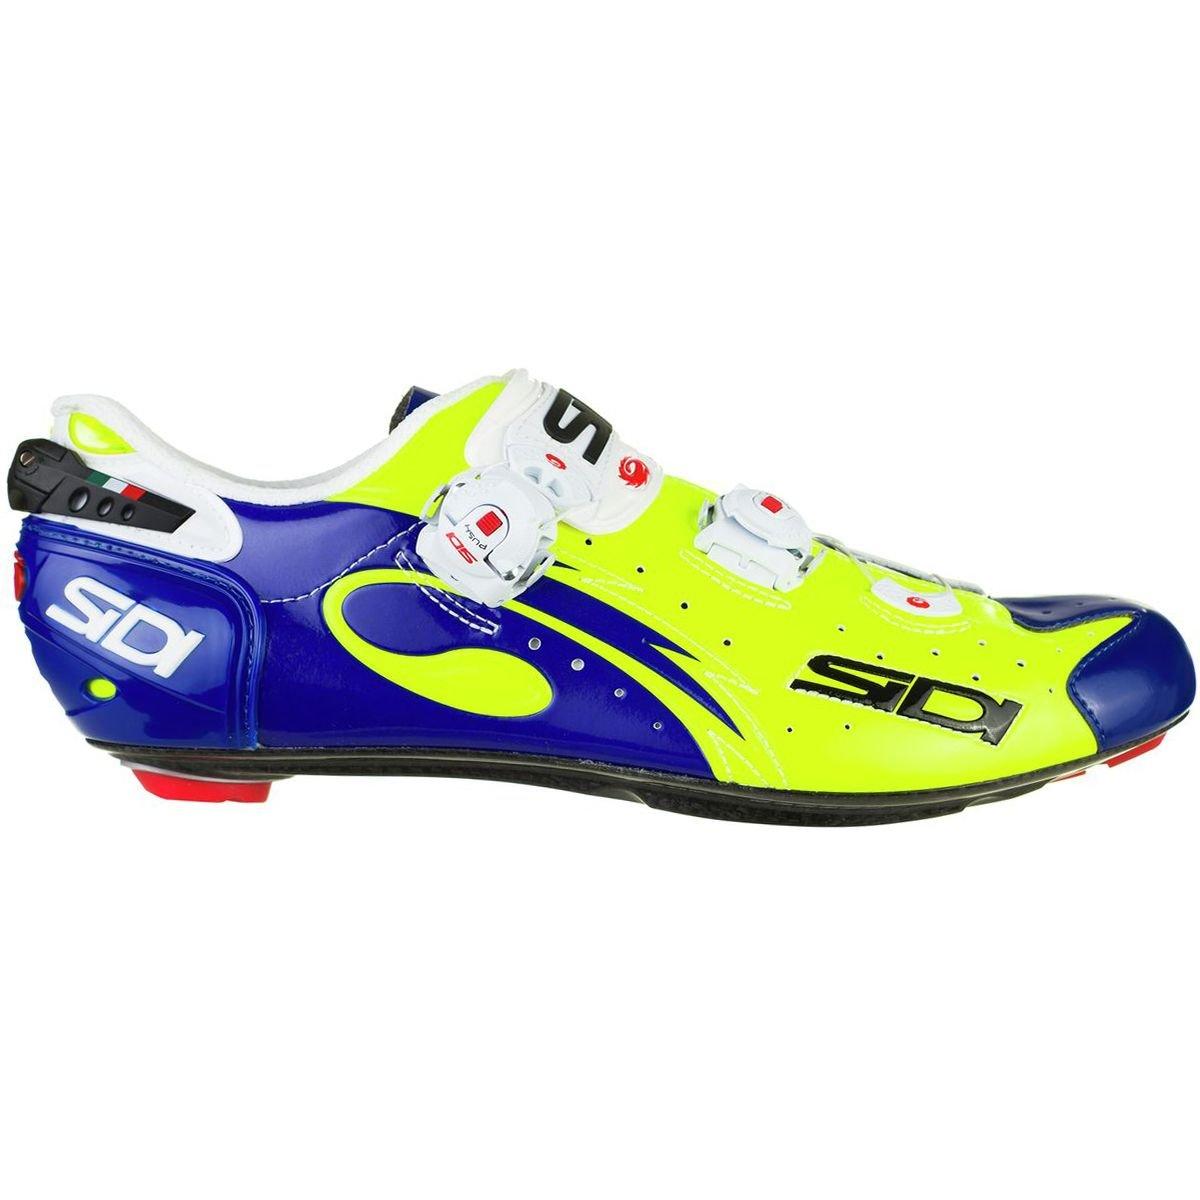 最新作 (シディ) Flo Sidi Wire Push Blue Cycling Shoe メンズ ロードバイクシューズFlo メンズ Yellow Blue [並行輸入品] 日本サイズ 29cm (45.5) Flo Yellow Blue B07G759RJ9, アディミュージックストア:9bc3d1d7 --- by.specpricep.ru